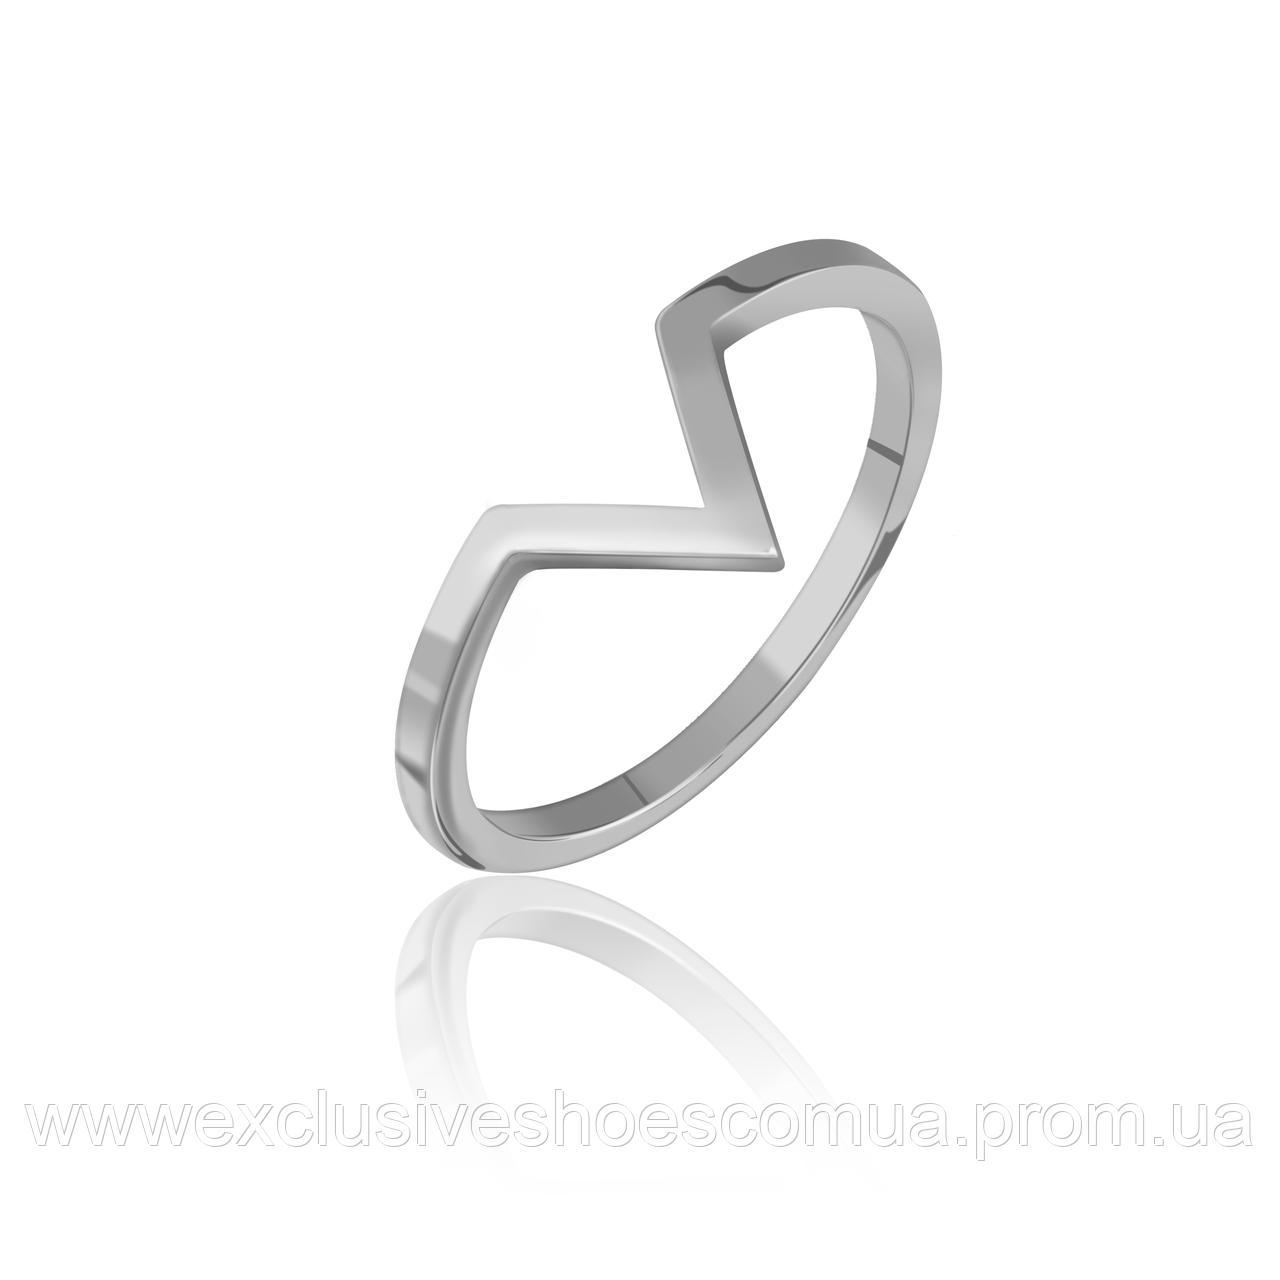 Серебряное кольцо Avangard. Египет,  арт. 910142